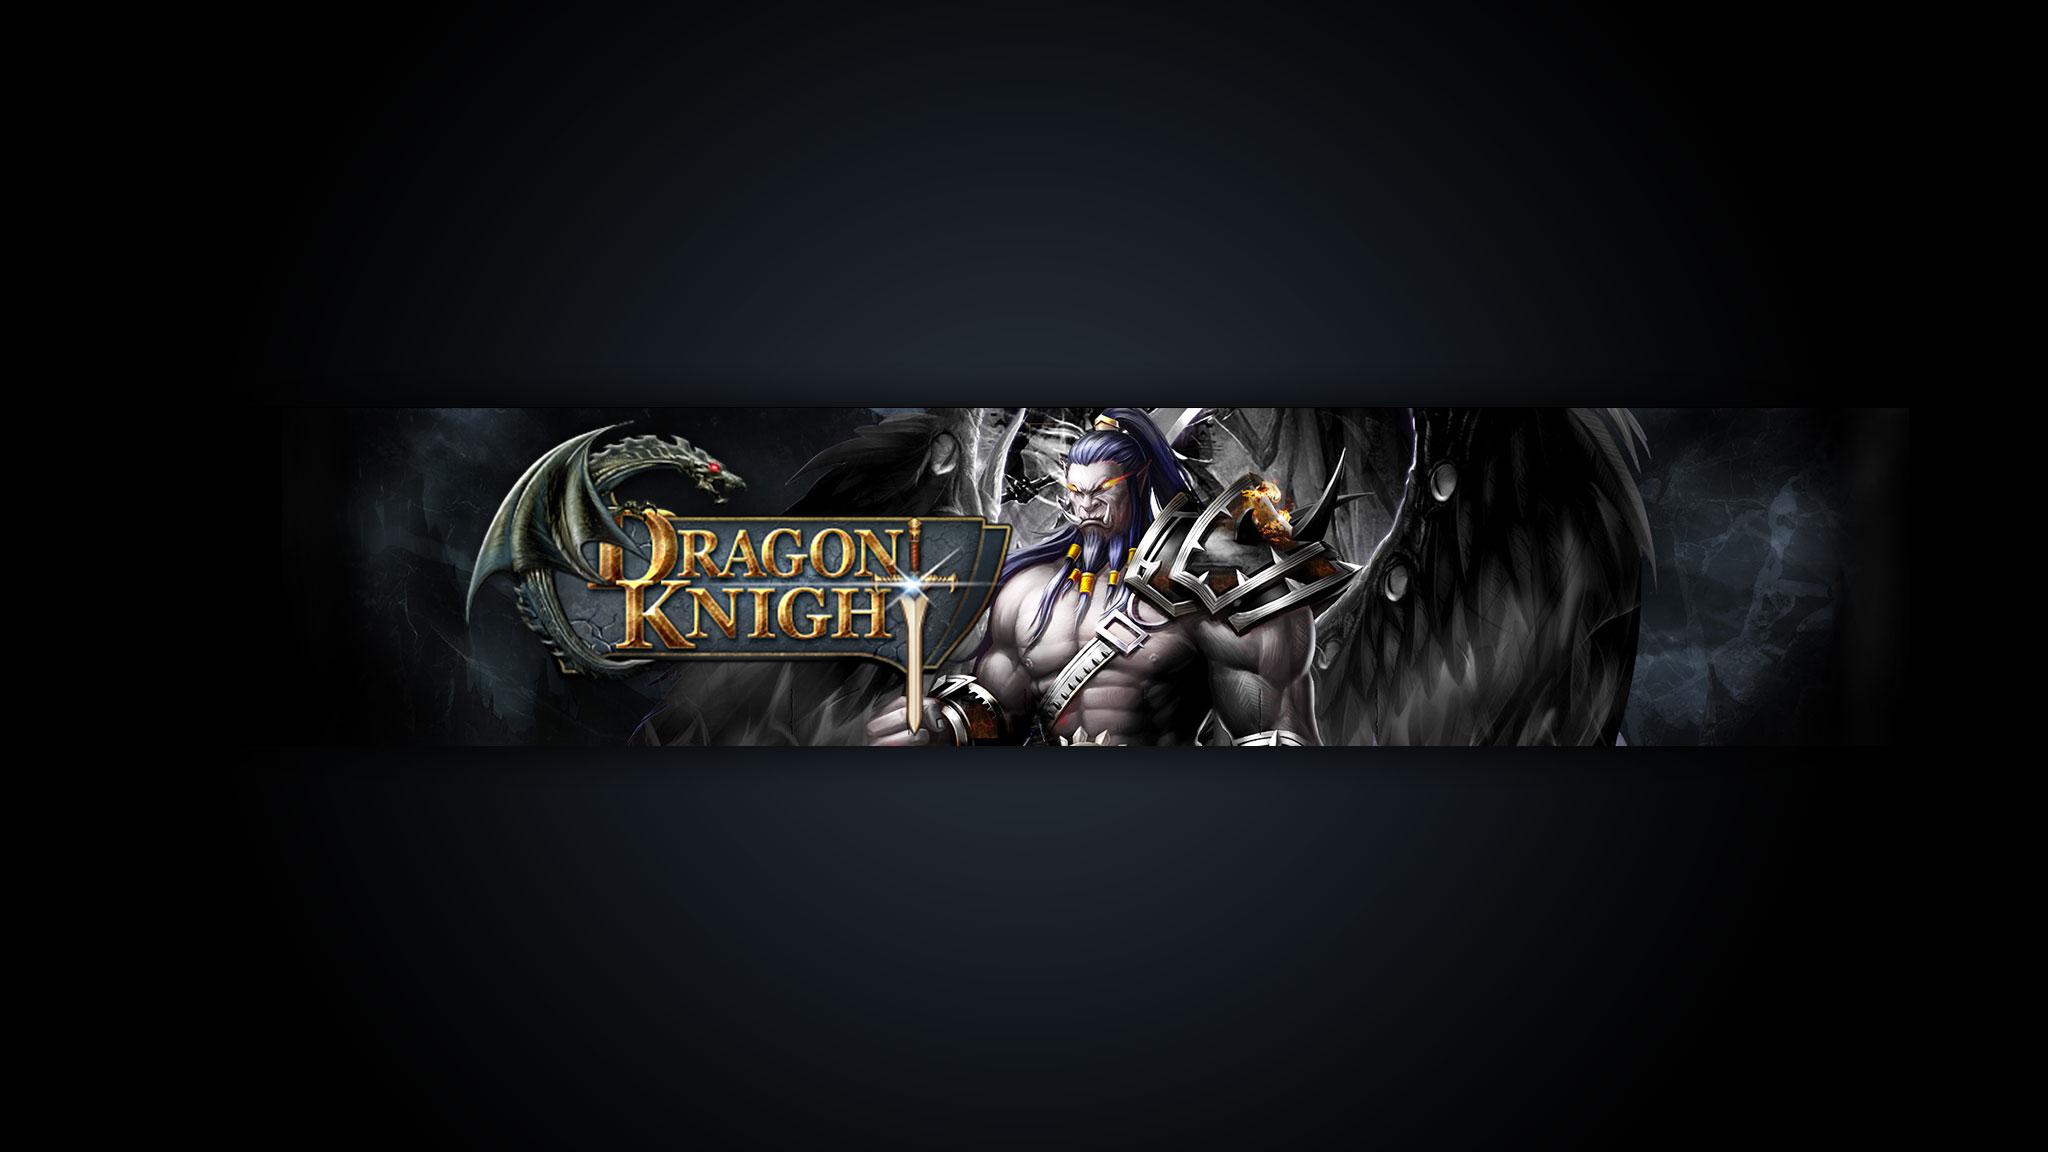 Картинка с текстом - тёмный баннер для ютуба 2048 1152 по игре Dragon Knight.